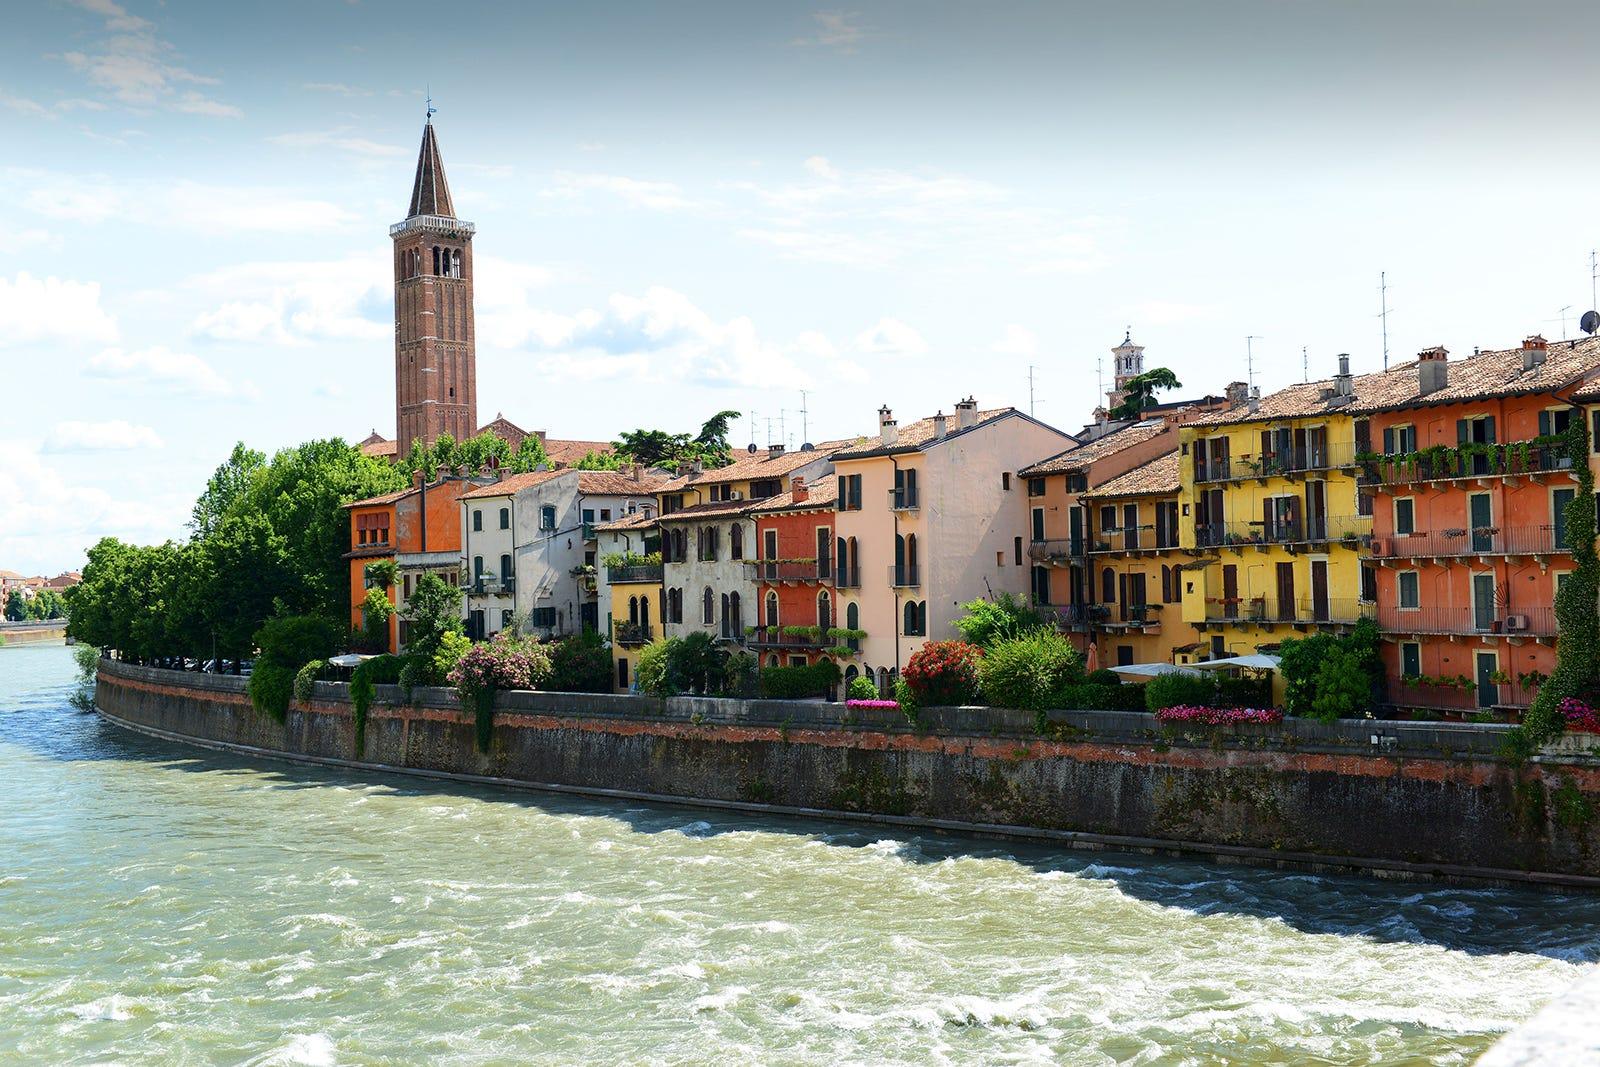 Kota ini terletak antara Milan dan Venesia, tempat lahirnya sastrawan-sastrawan Italia. Kota ini sering dijadikan sebagai tujuan foto-foto prewedding | Shutterstock